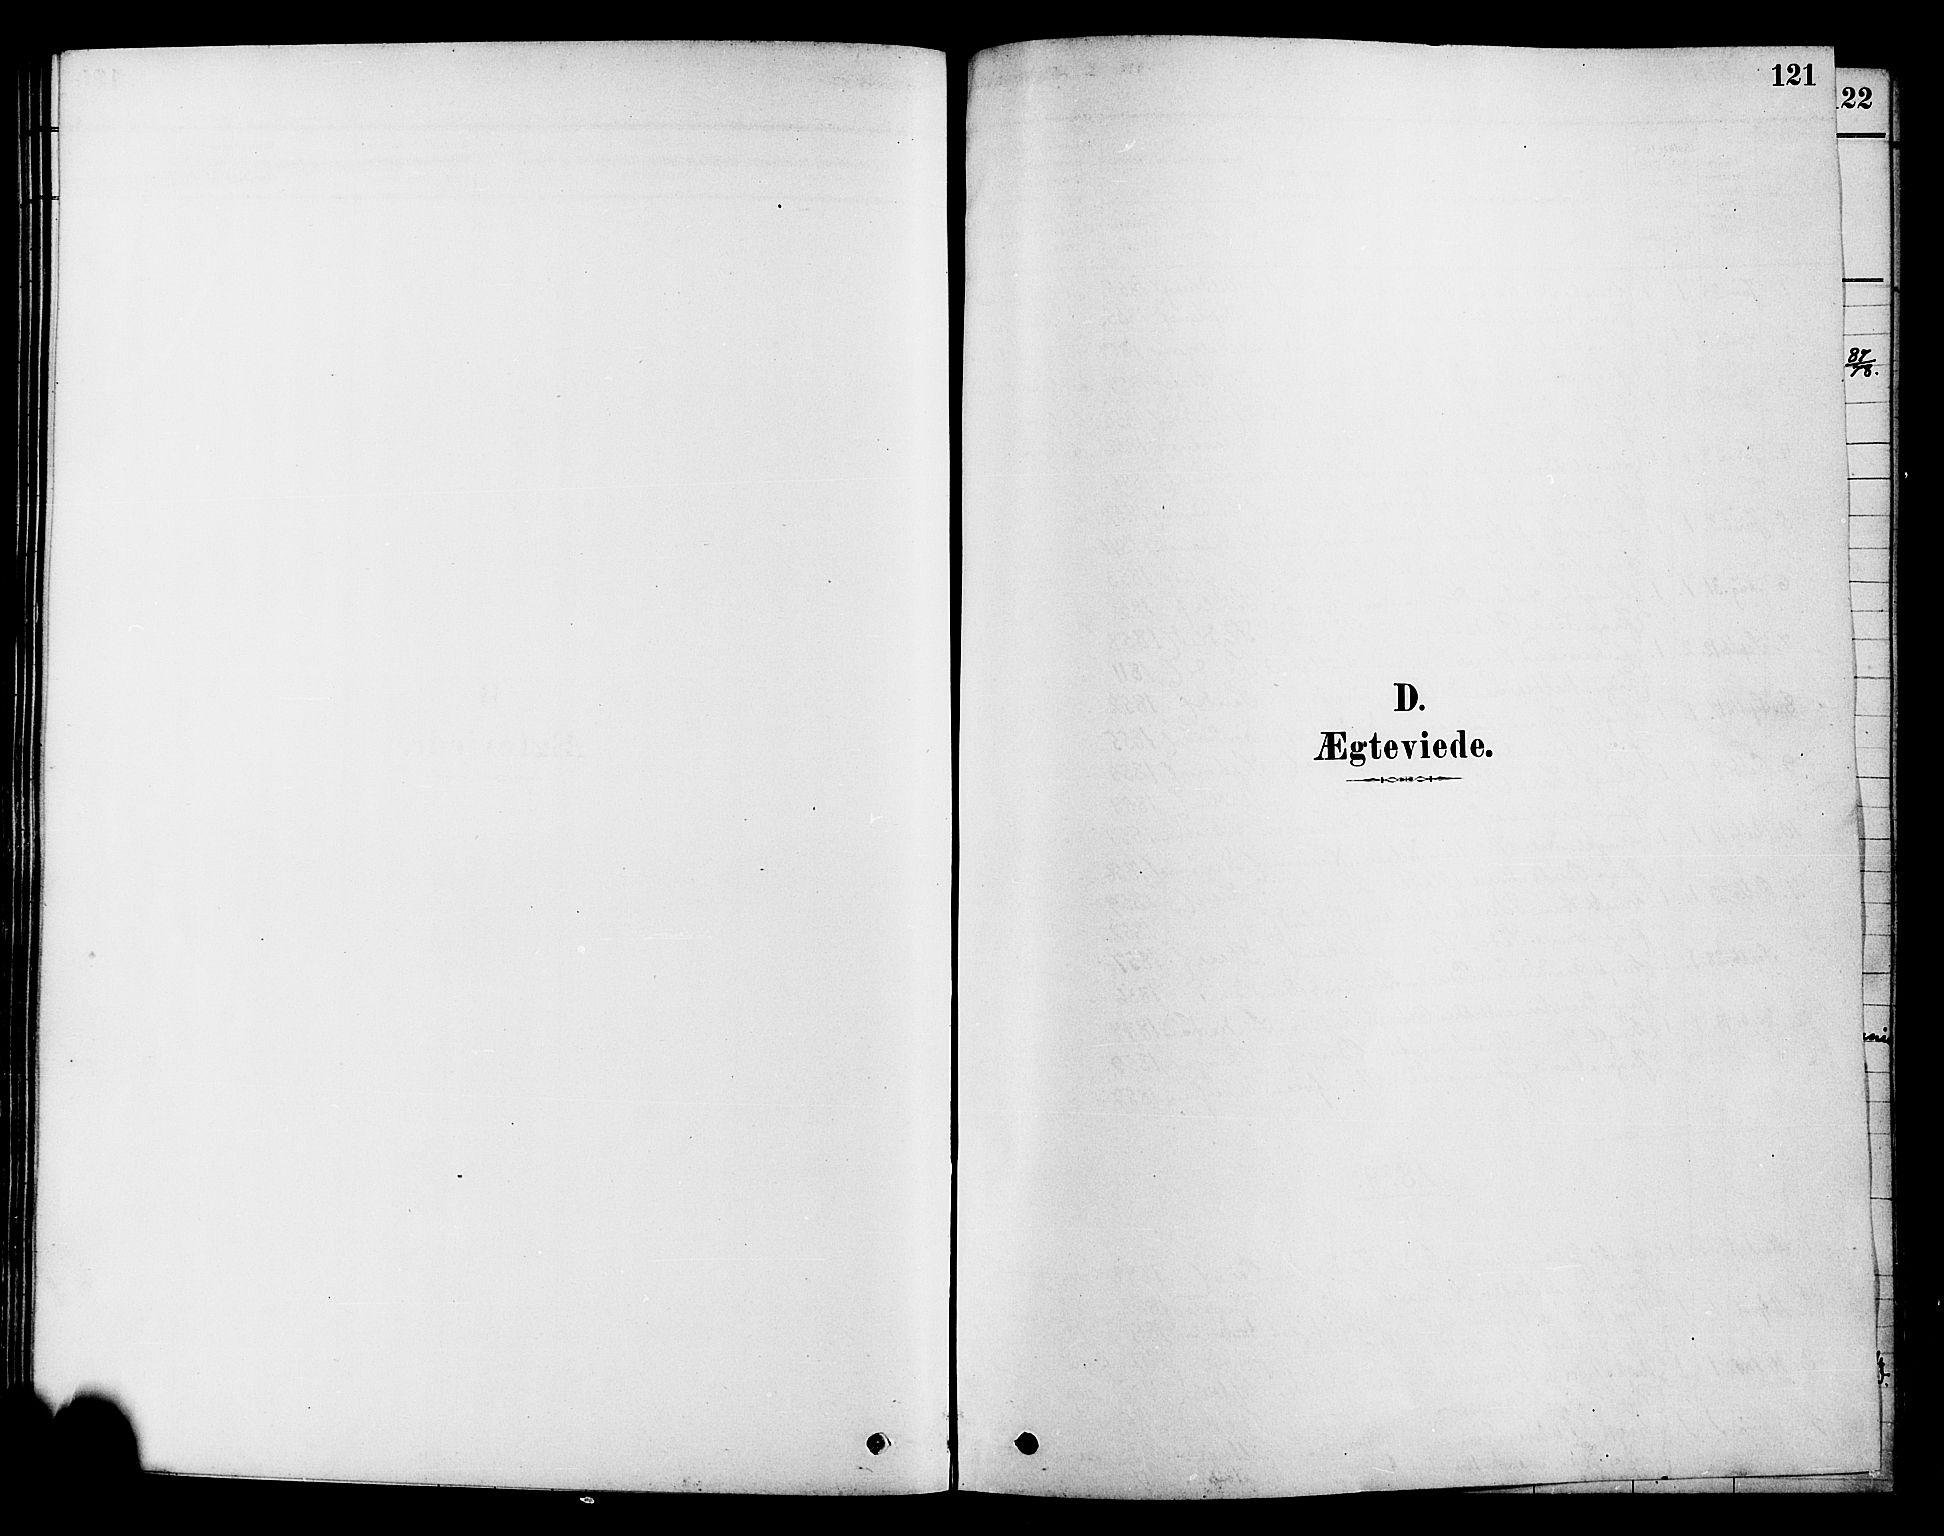 SAH, Søndre Land prestekontor, K/L0002: Ministerialbok nr. 2, 1878-1894, s. 121